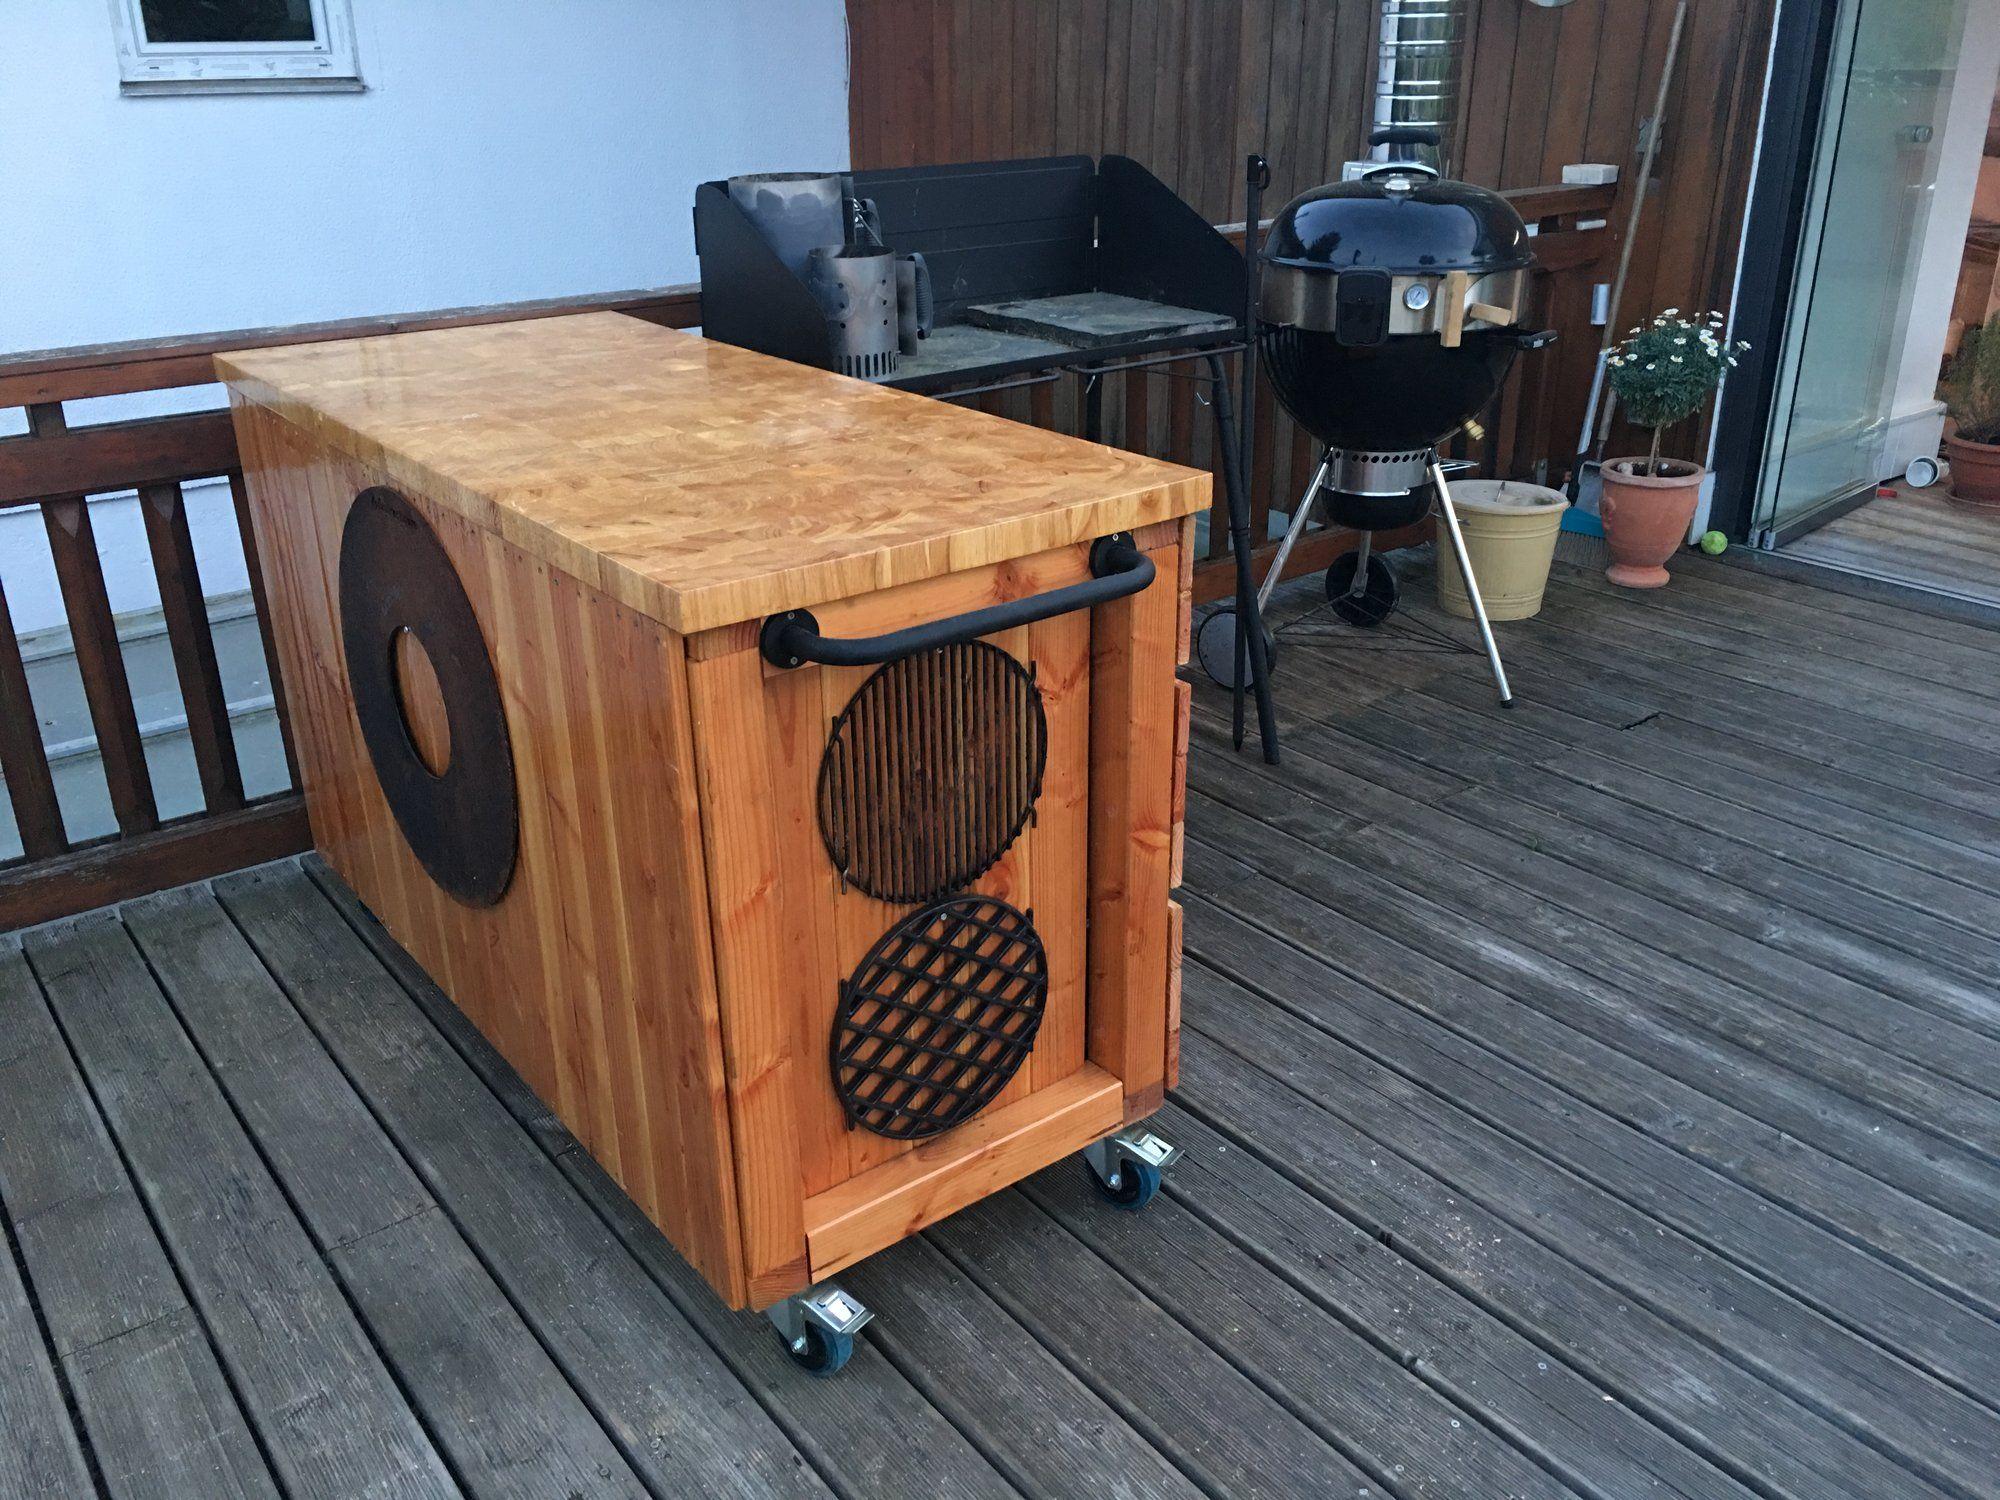 Outdoor Küche Bauen Grillsportverein : Mobiler grilltisch grillforum und bbq grillsportverein